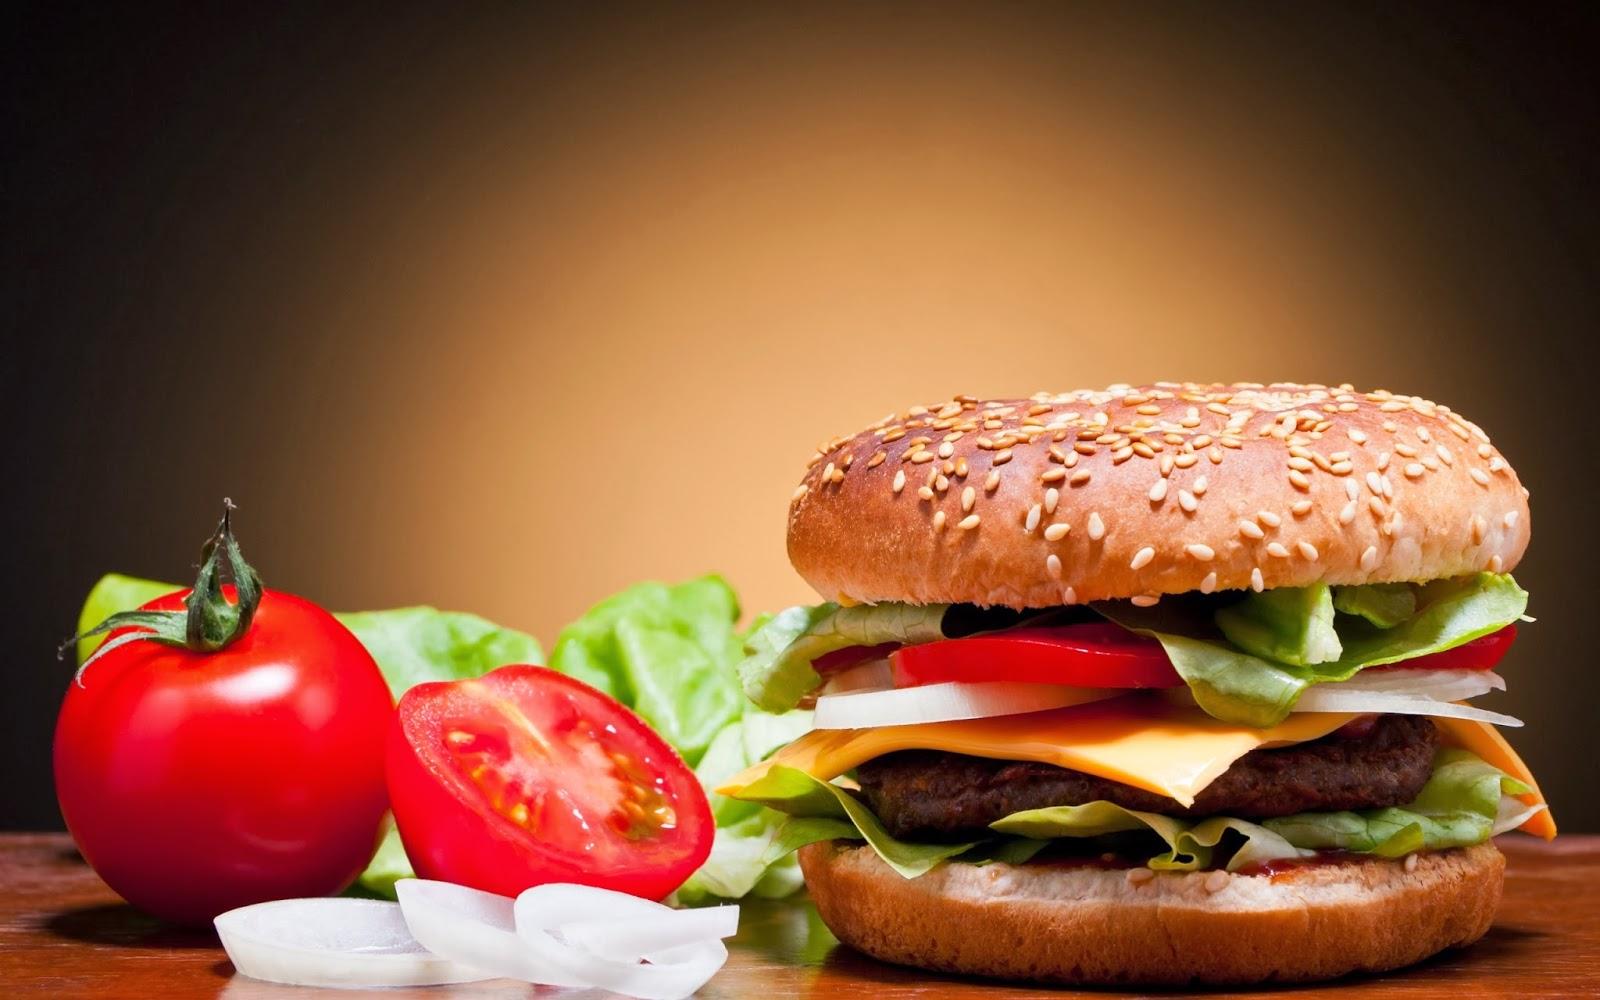 delicious fast food wallpaper food hd wallpaper food wallpaper 1600x1000